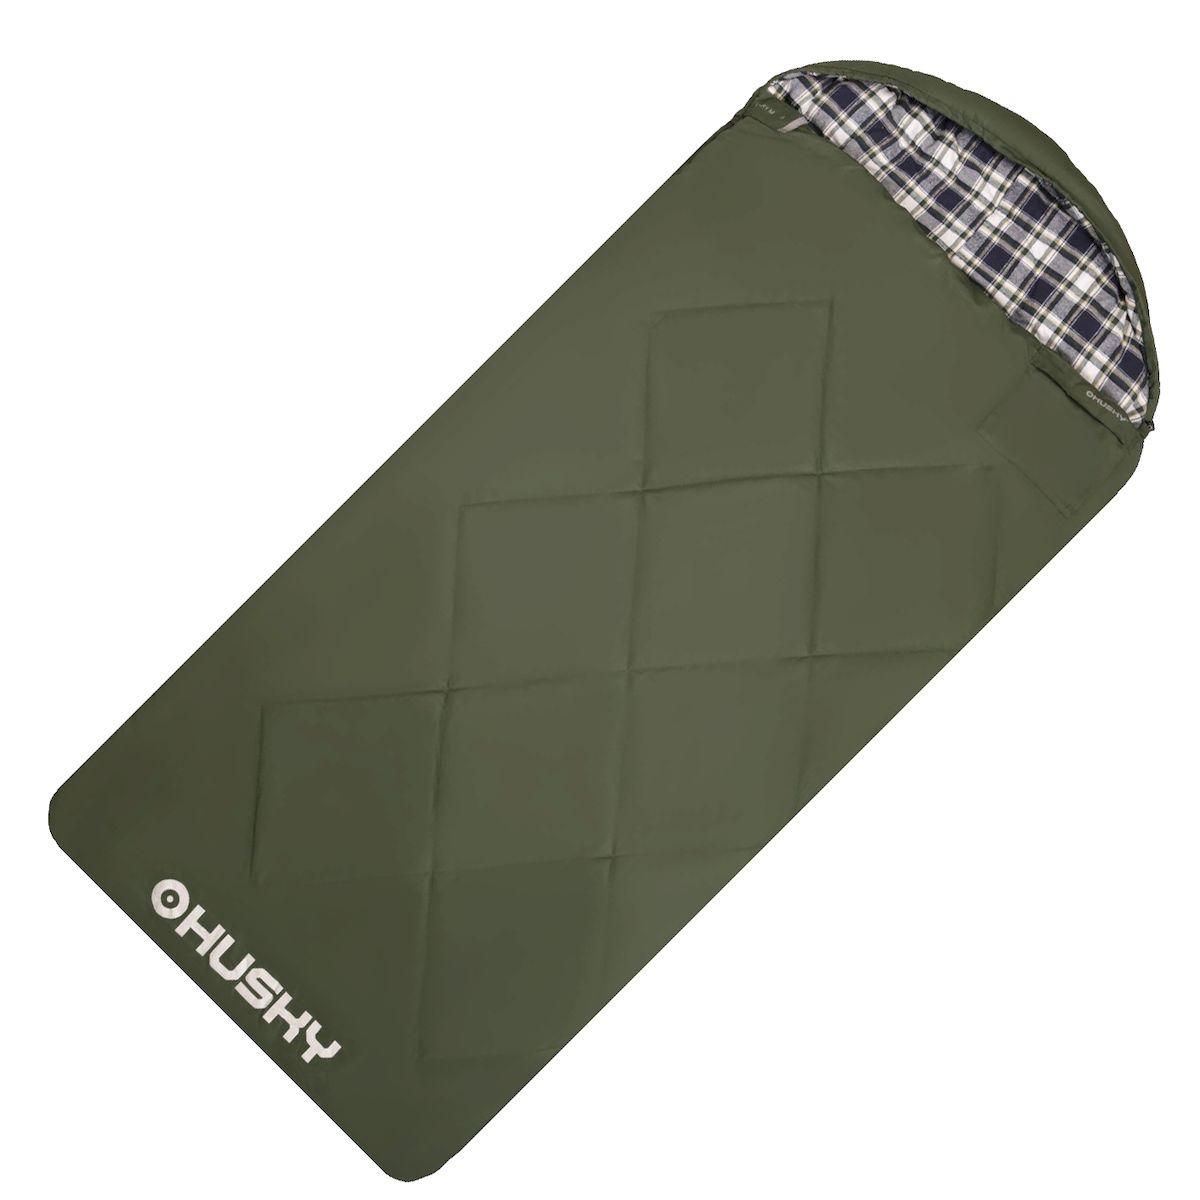 Спальник-одеяло Husky GARY -5С, левая молния, цвет: зеленыйУТ-000069821Двухслойный спальный мешок-одеяло Husky Grey -5C для кемпинга. Утеплитель из 4-х канального холофайбера, превосходная комбинация теплового комфорта с комфортом традиционного спального мешка-одеяла. Gary можно использовать не только на природе, но и в помещении как традиционное одеяло. Размер: 90 х 220 см;Размер в сложенном виде: 45 х 37 х 20 см;Вес: 2850 г;Экстремальная температура: -5С;Комфортная температура: -0С ... +5С;- Внешний материал: Pongee 75D 210T (лен);- Внутренний материал: флис (полиэстер);- Утеплитель: 2 слоя 150 г/м2 HollowFibre;- Конструкция: два слоя;- Компрессионный мешок;- Петли для сушки.